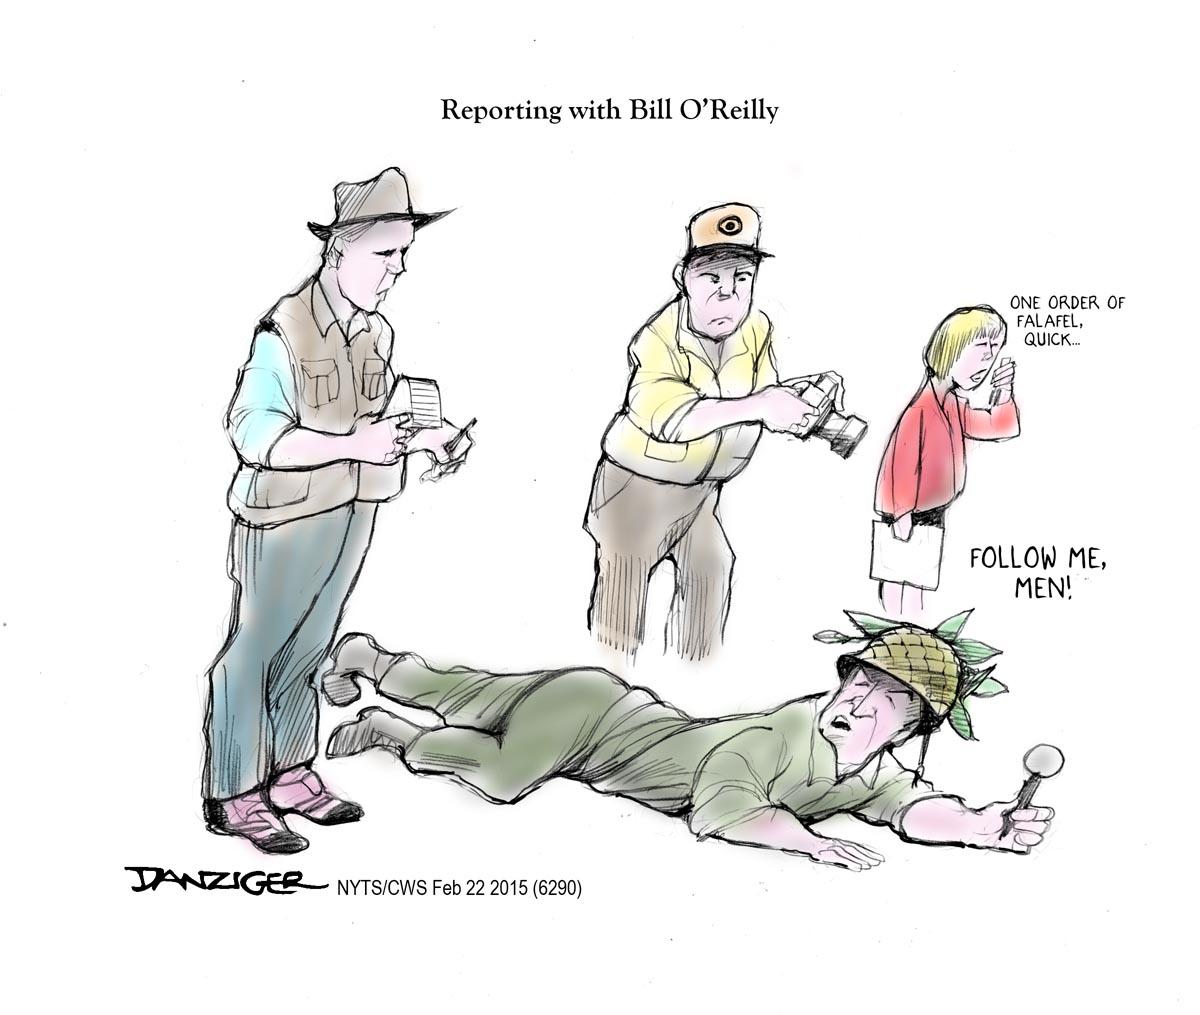 Bill O'Reilly Under Fire